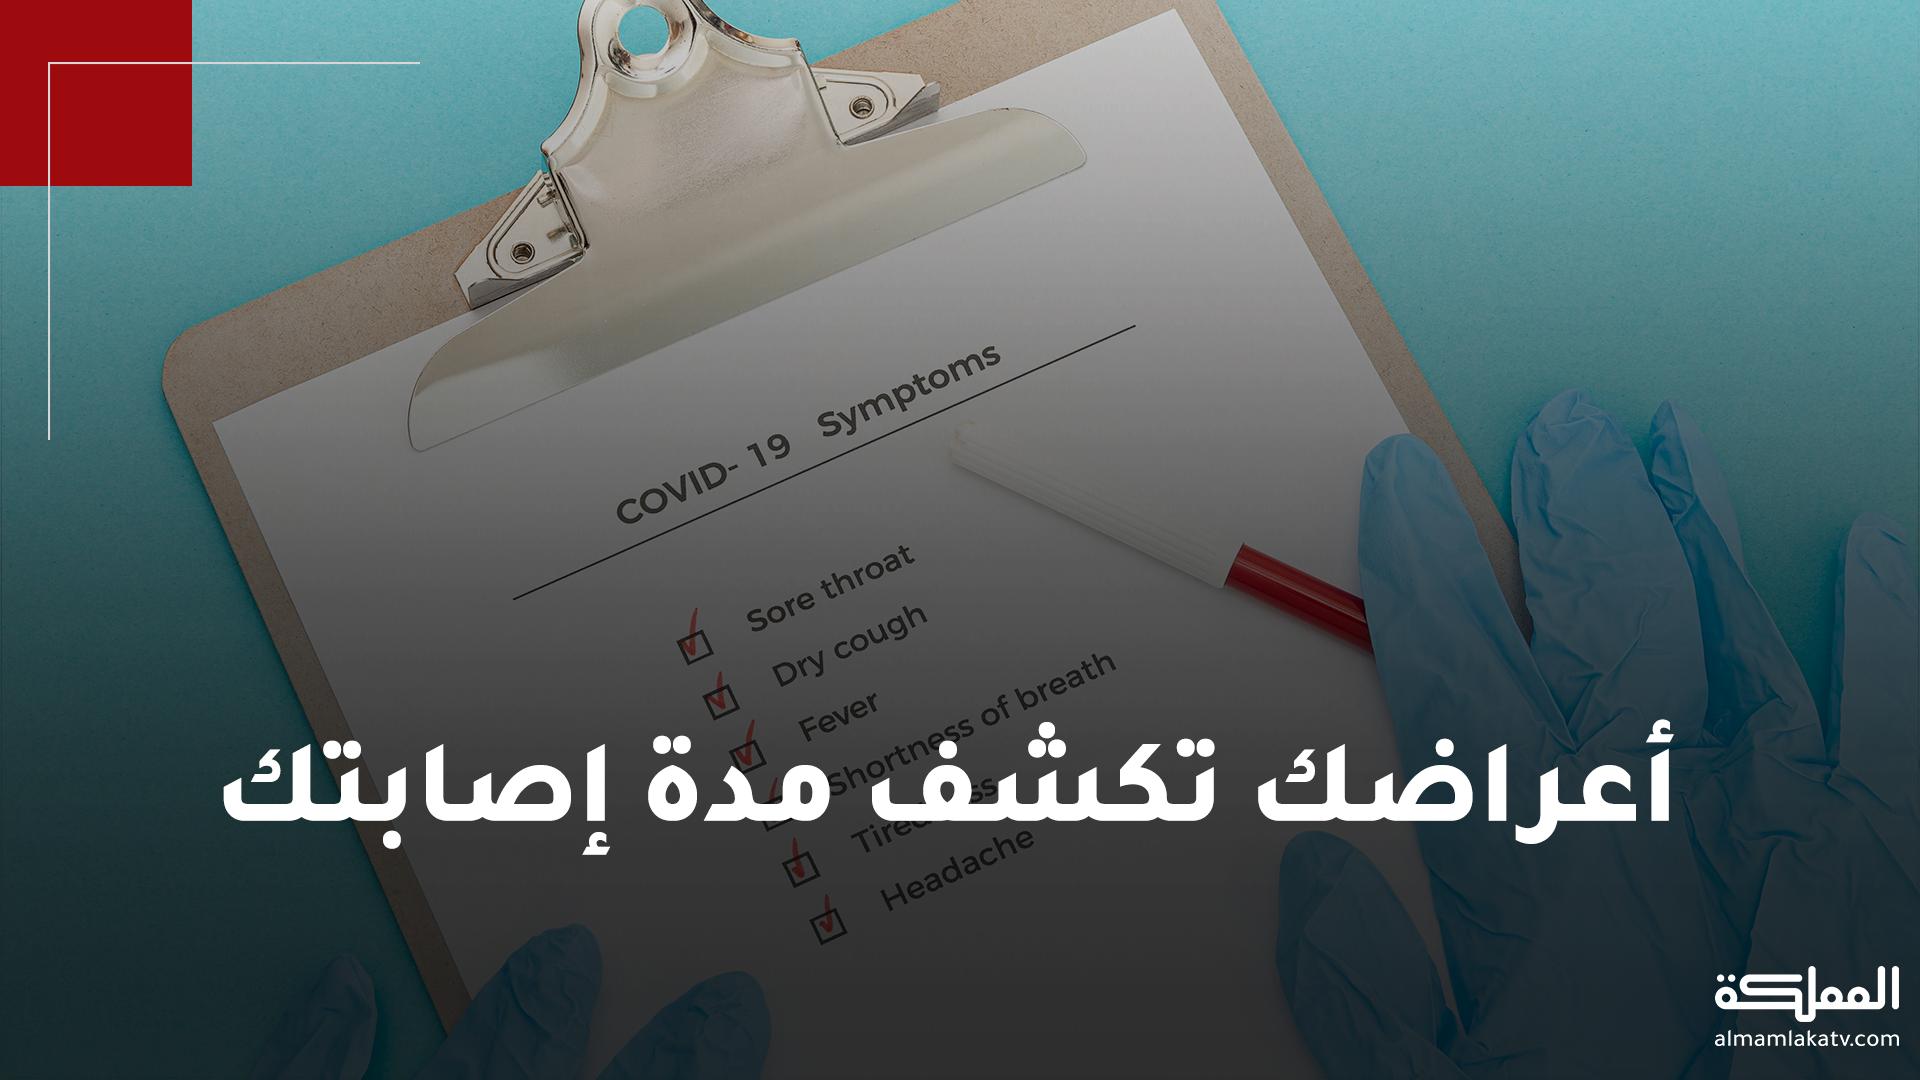 طبيعة أعراض كورونا تحدد مدة مرضك